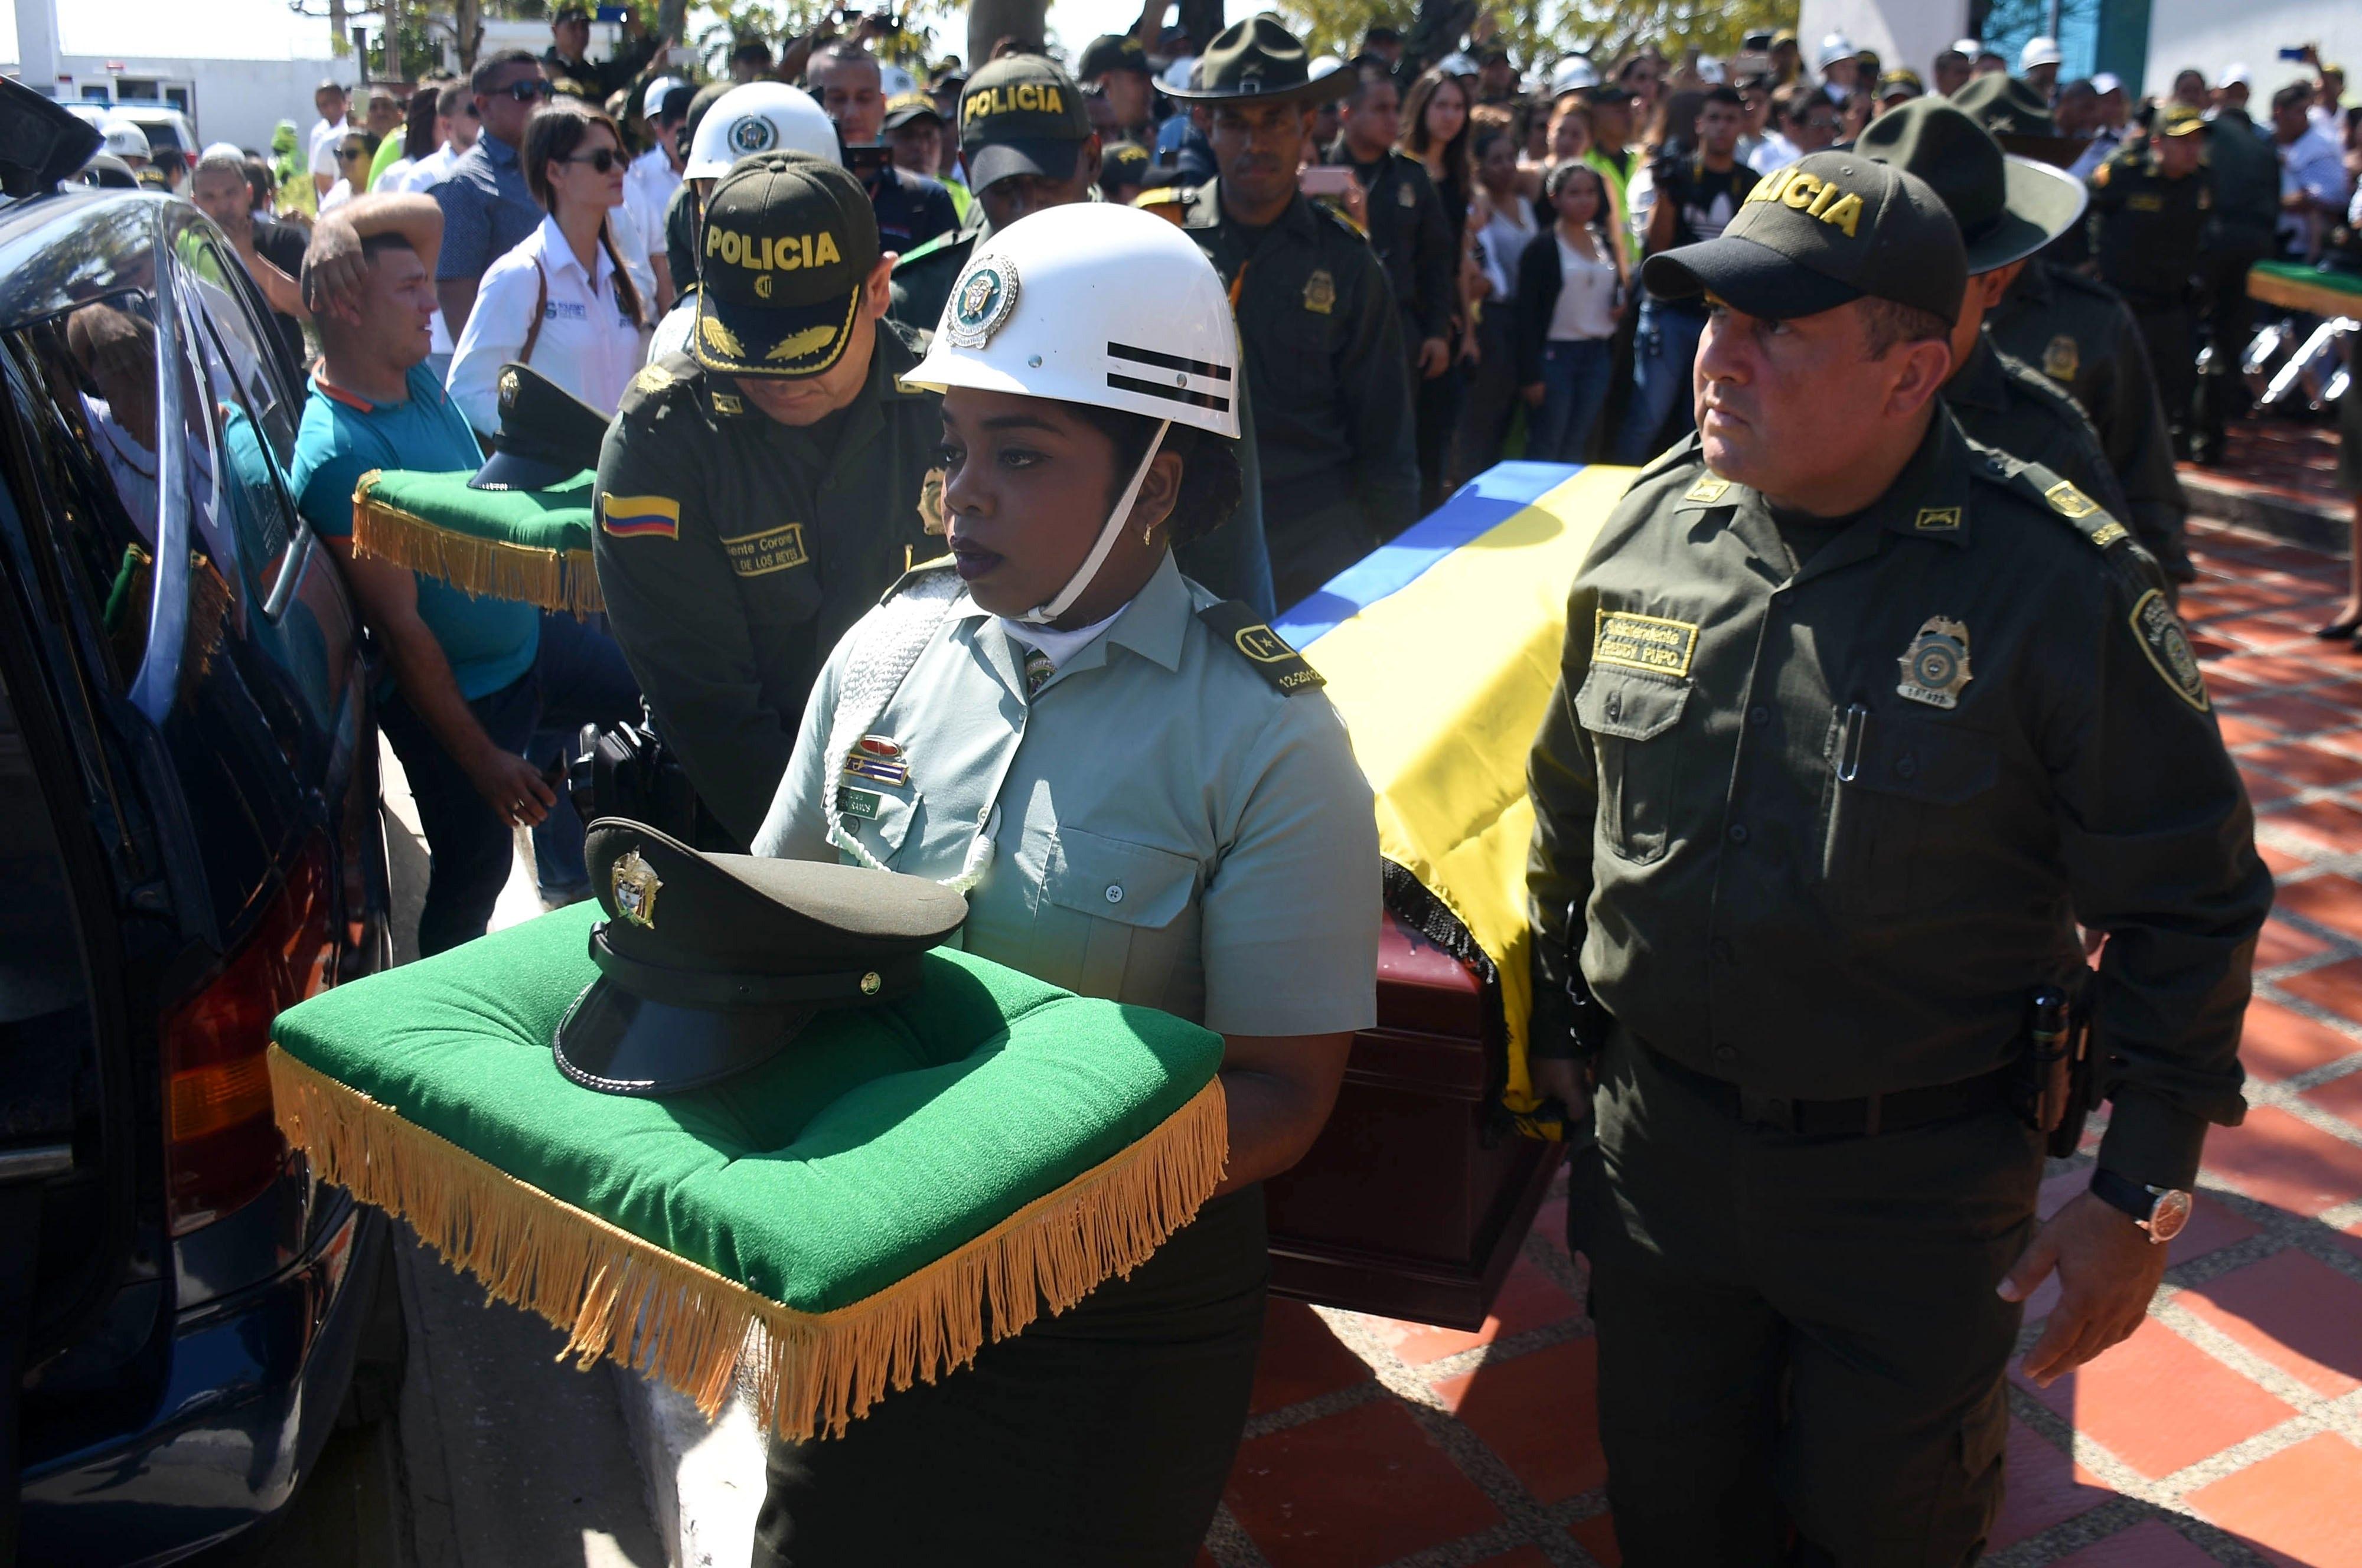 Grupo de ELN reivindica atentado contra a polícia na Colômbia